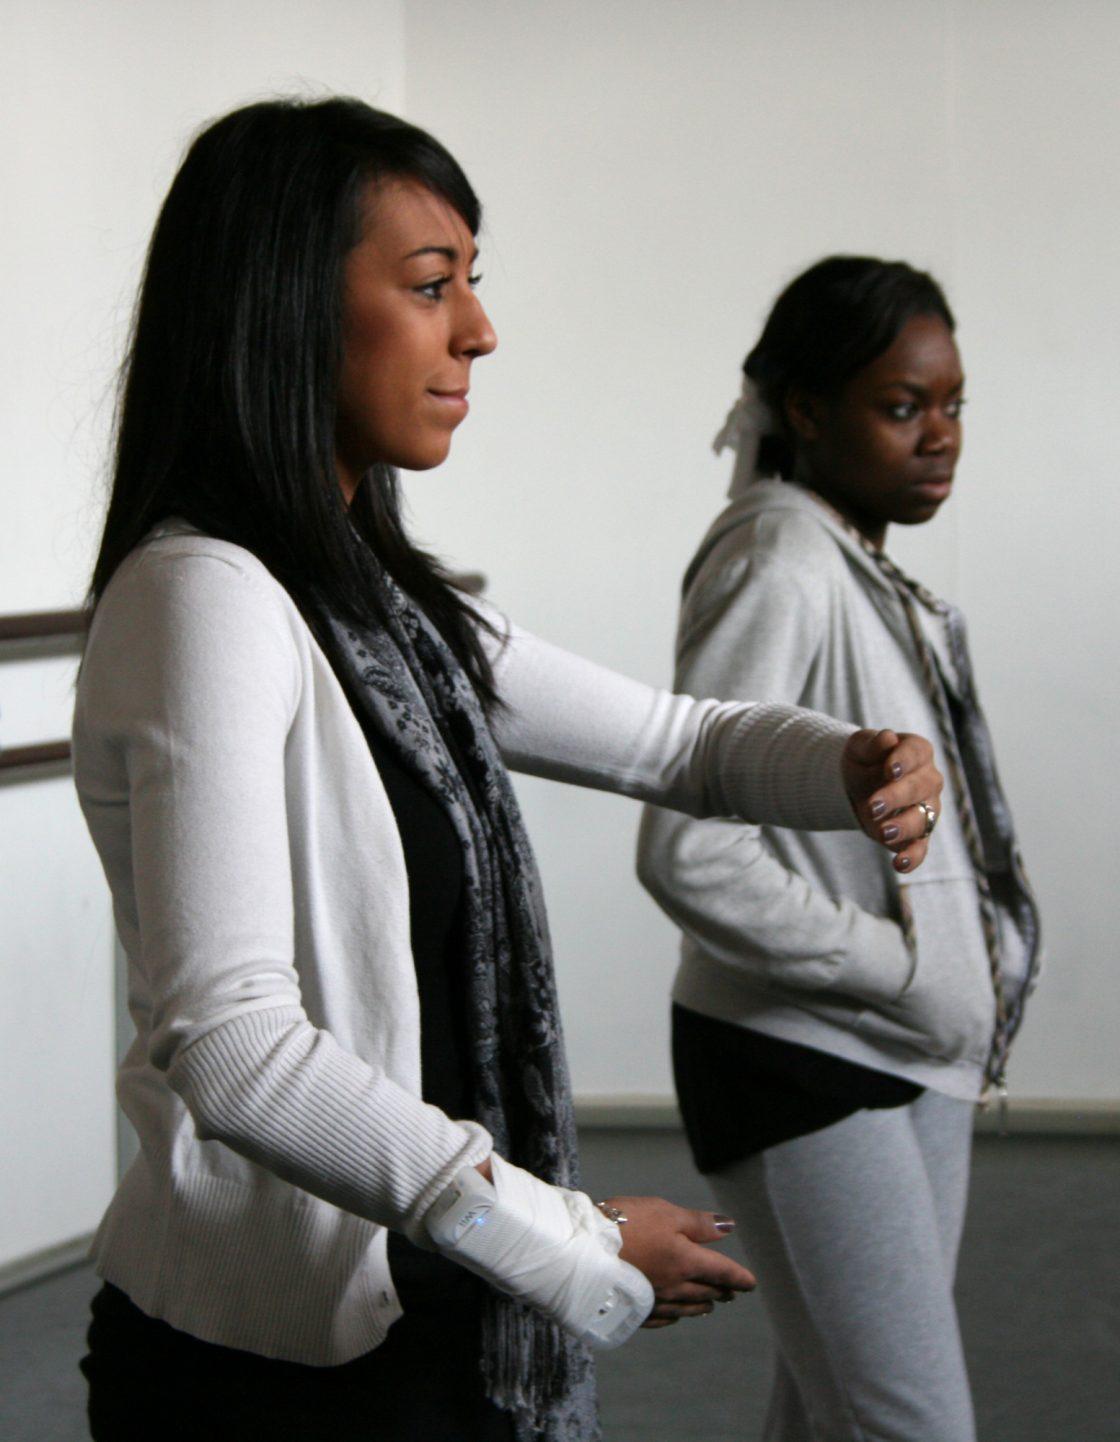 Twee danseressen met een Wii controller om de arm